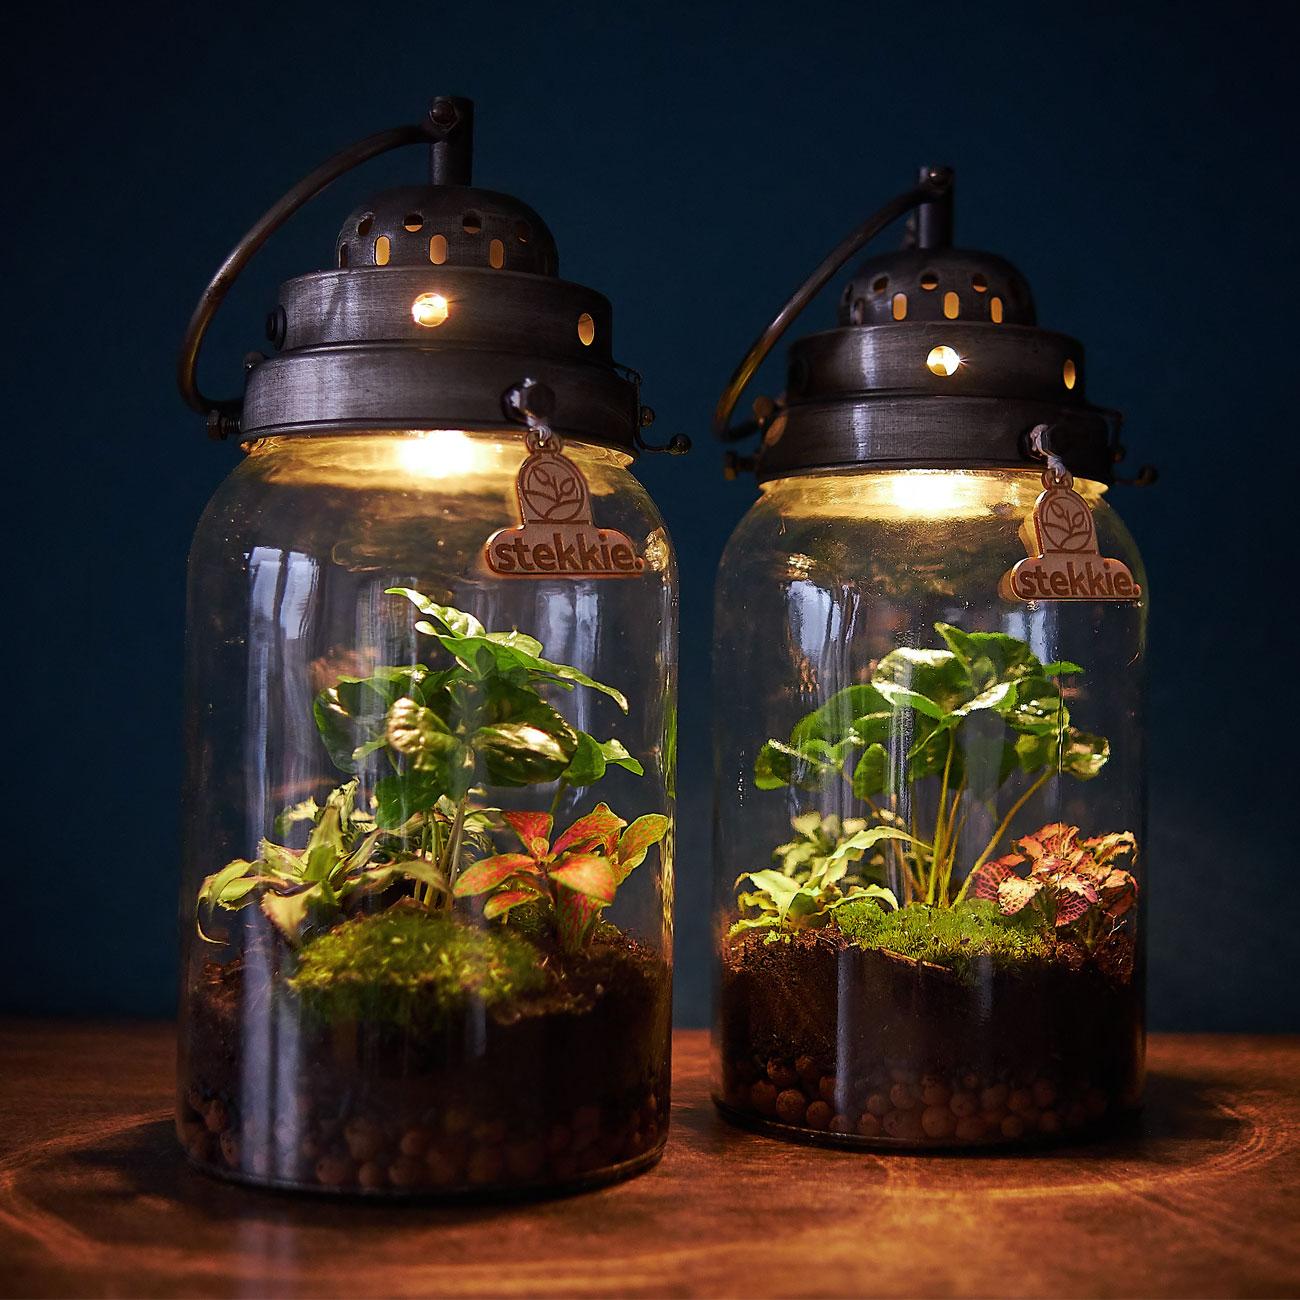 stekkie-cylinder-donker-met-lamp